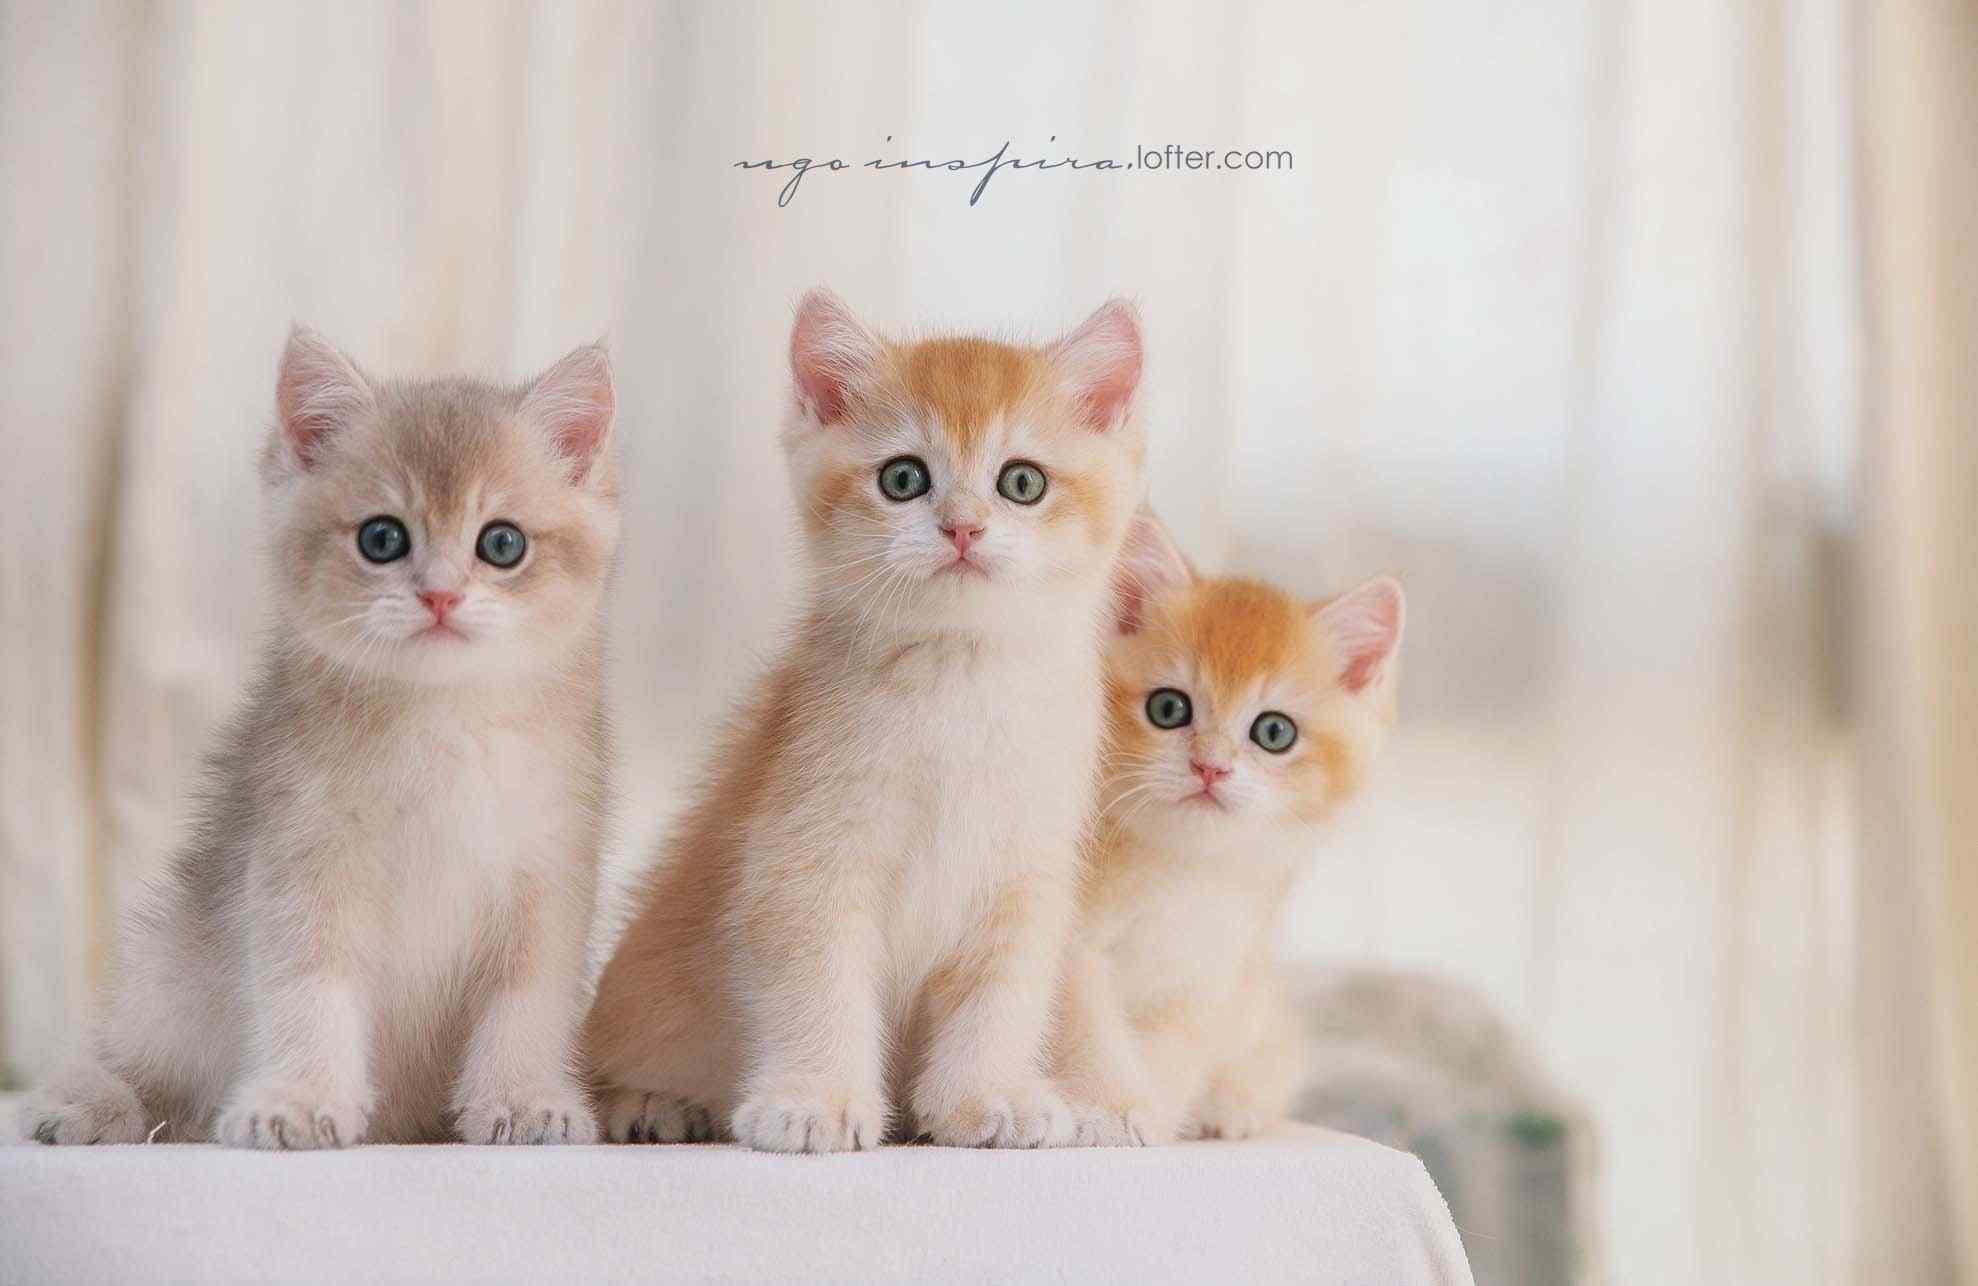 短毛猫咪图片_英国短毛猫咪图片_可爱猫咪图片大全_猫咪桌面壁纸、手机壁纸_可爱动物壁纸